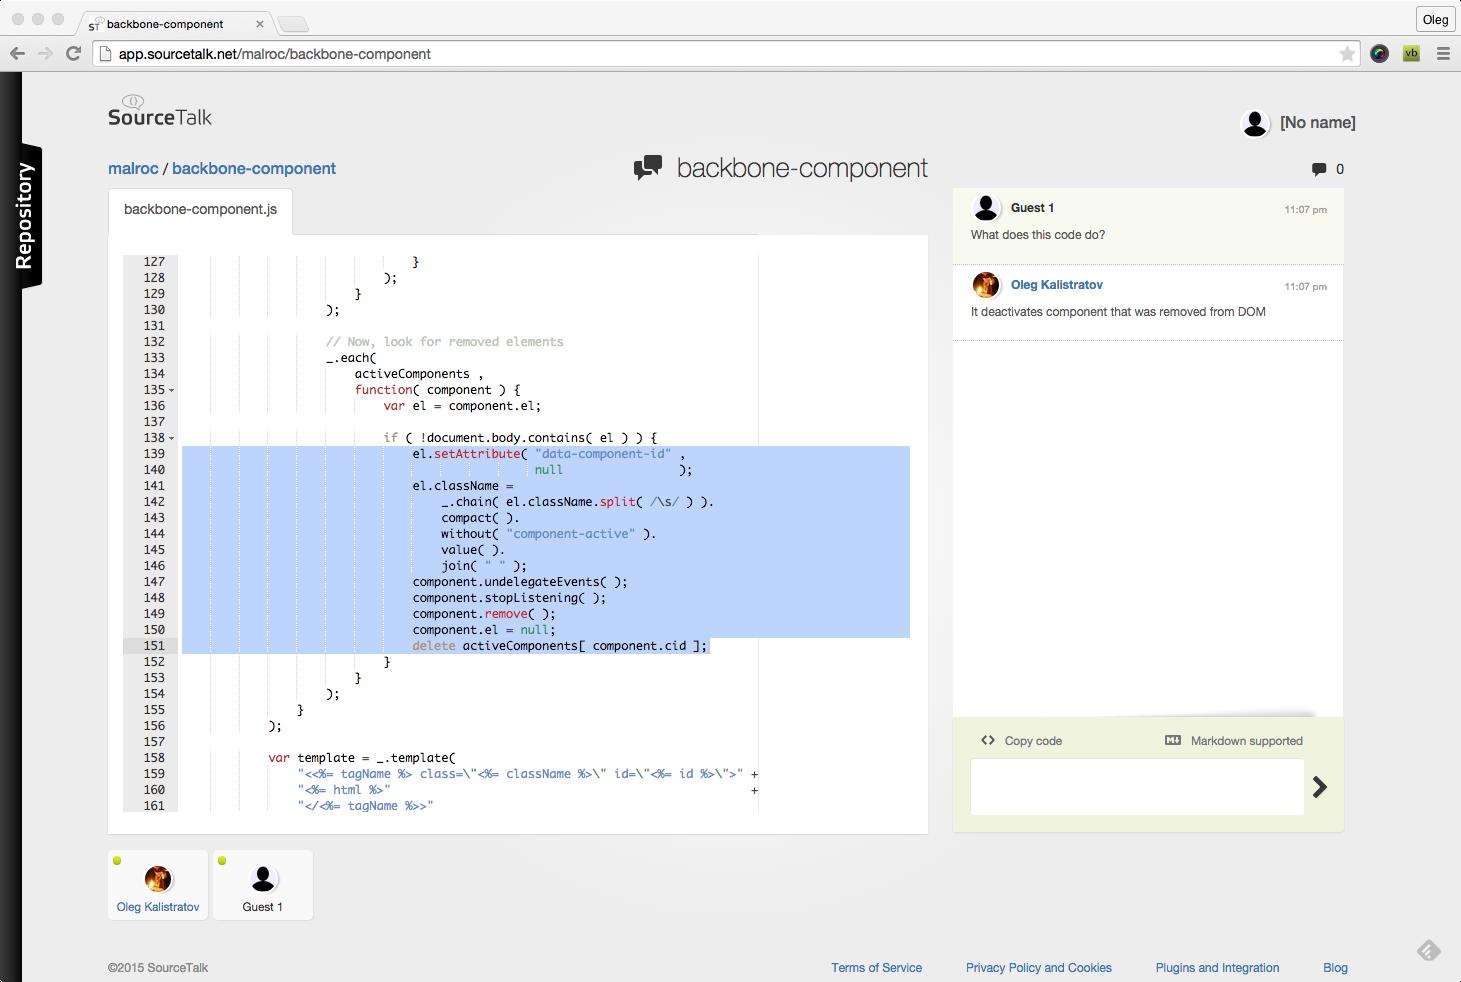 SourceTalk (сервис для обсуждения исходных кодов): релиз